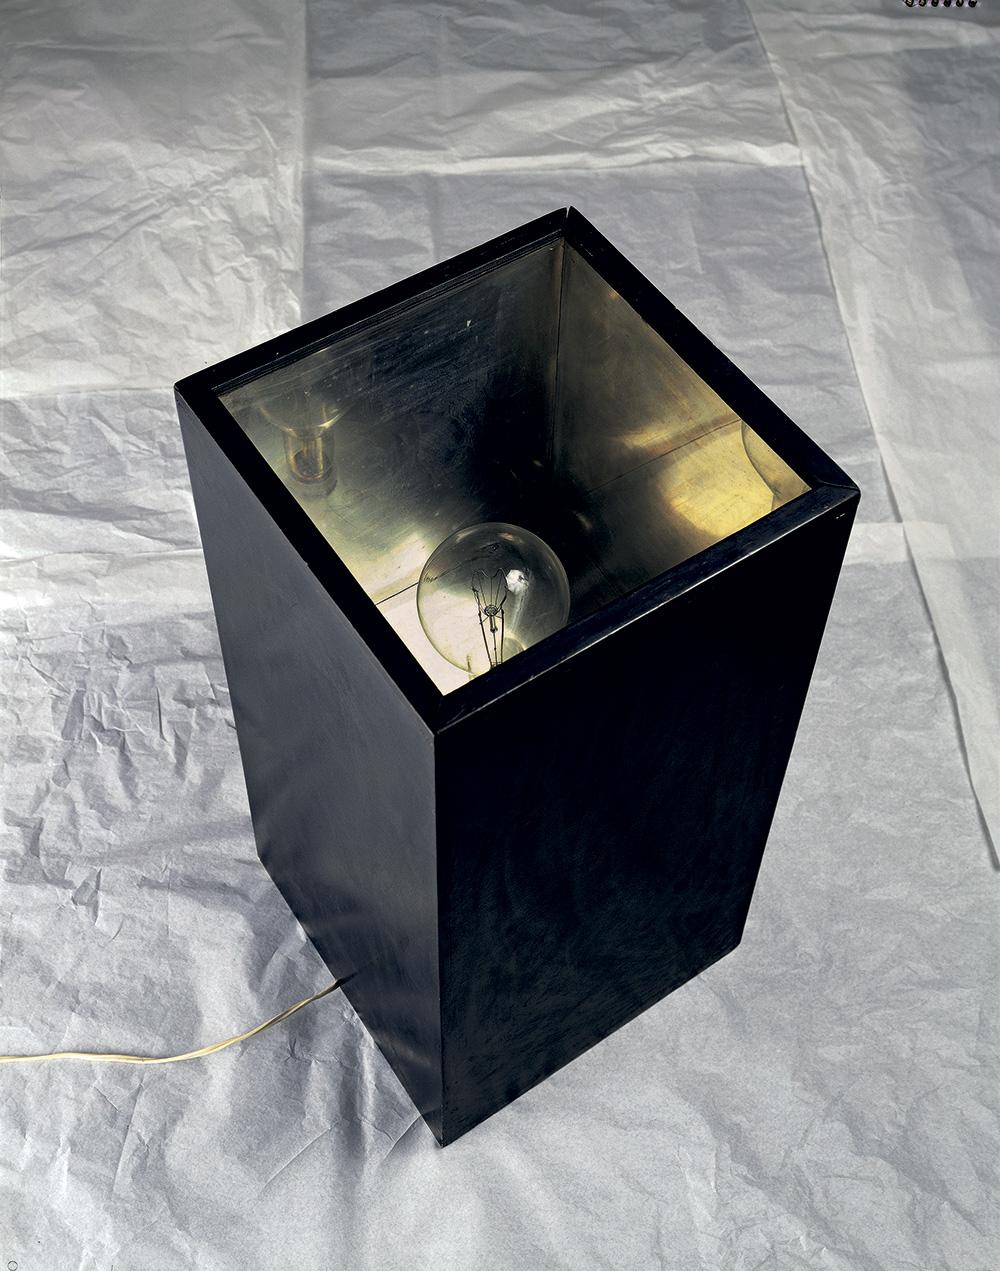 Lampada annuale 1966, legno, metallo, vetro e dispositivo elettrico cm 76 X 37 X 37